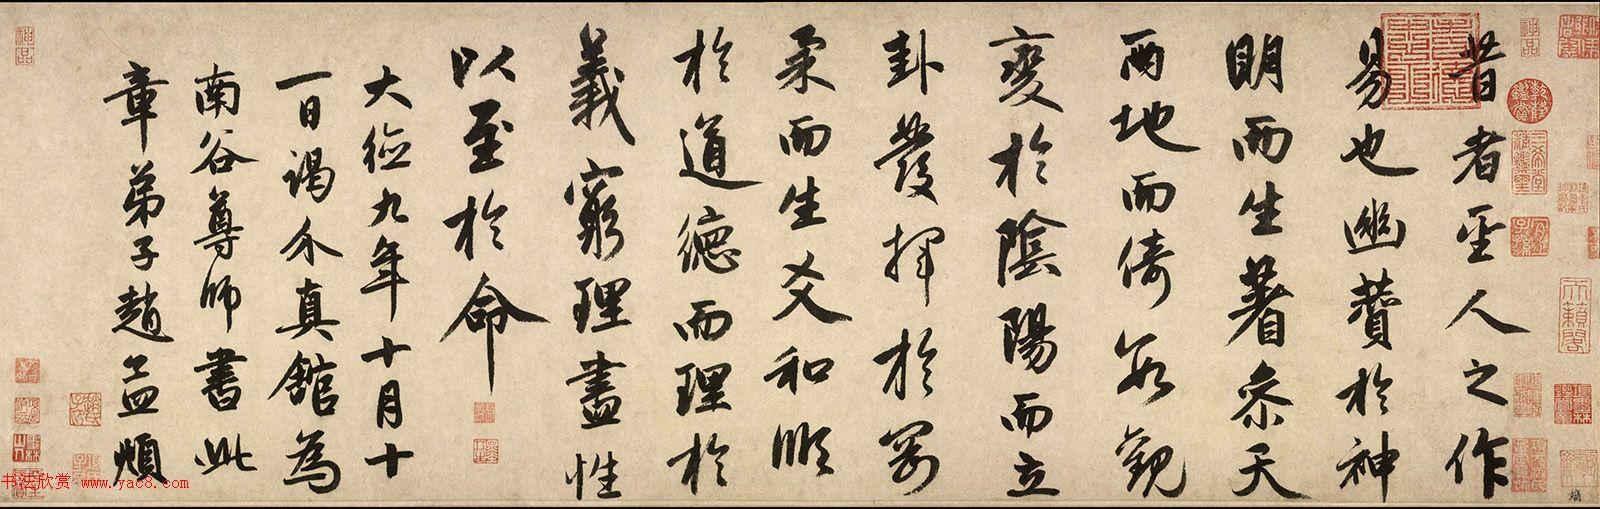 赵孟頫52岁行书节录《周易·系辞》